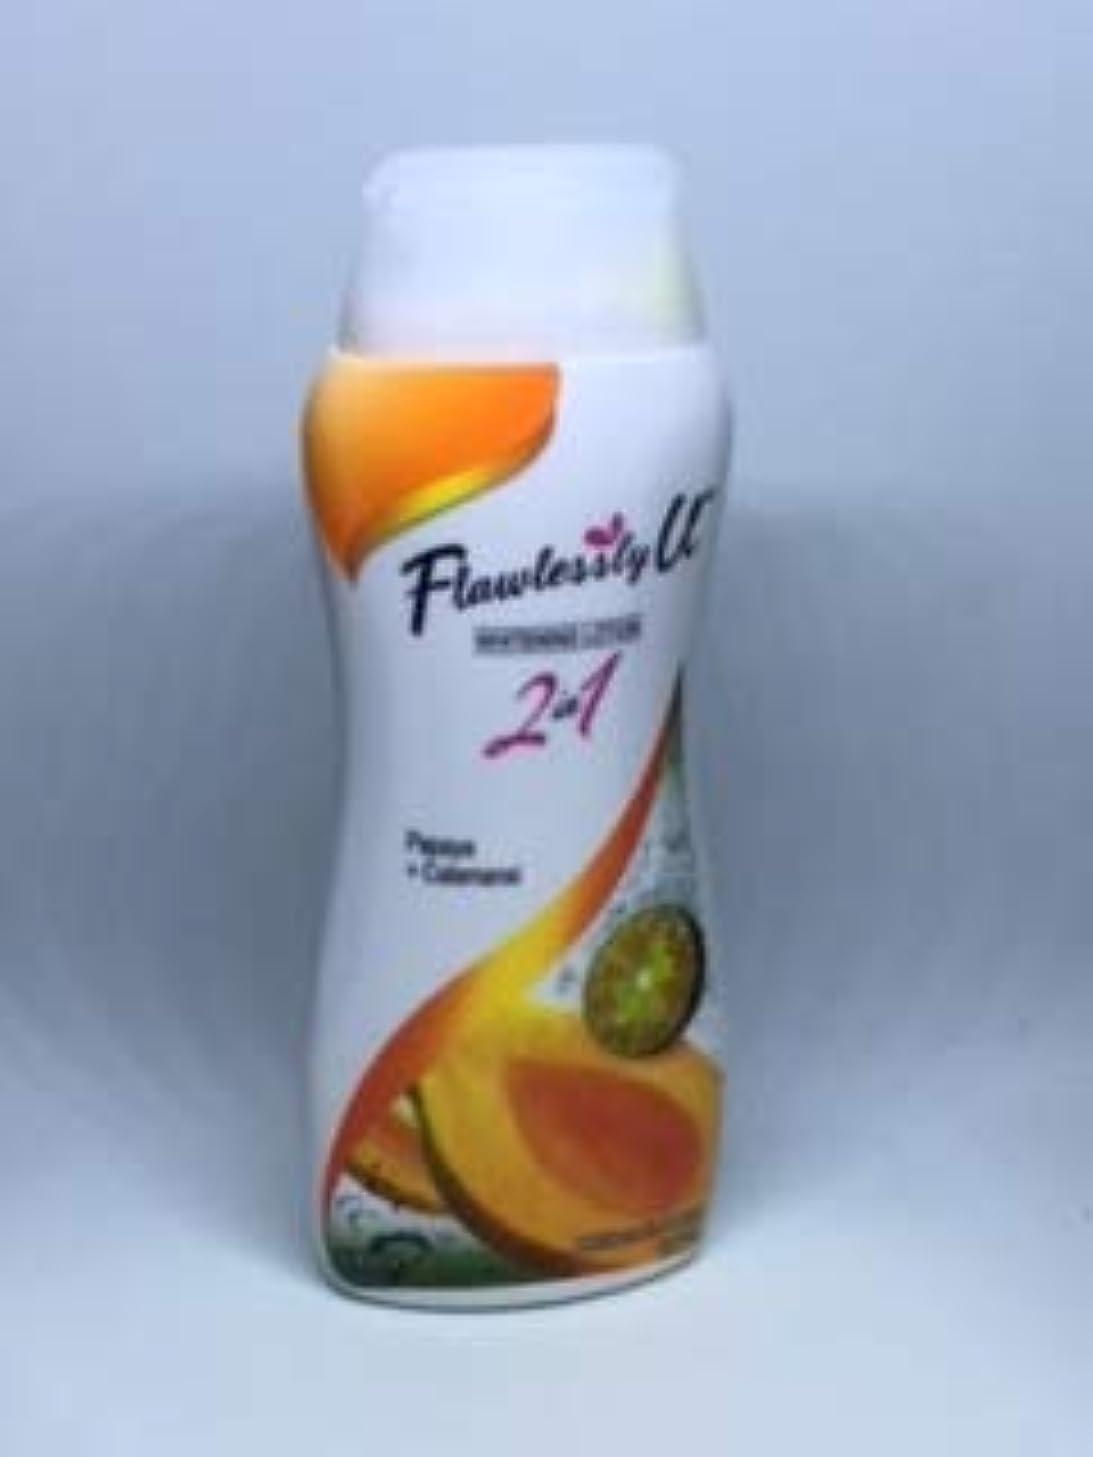 揮発性指紋断言するFlswlessly U Papaya&Calamansi 2in1 Whitening Lotion 100ml